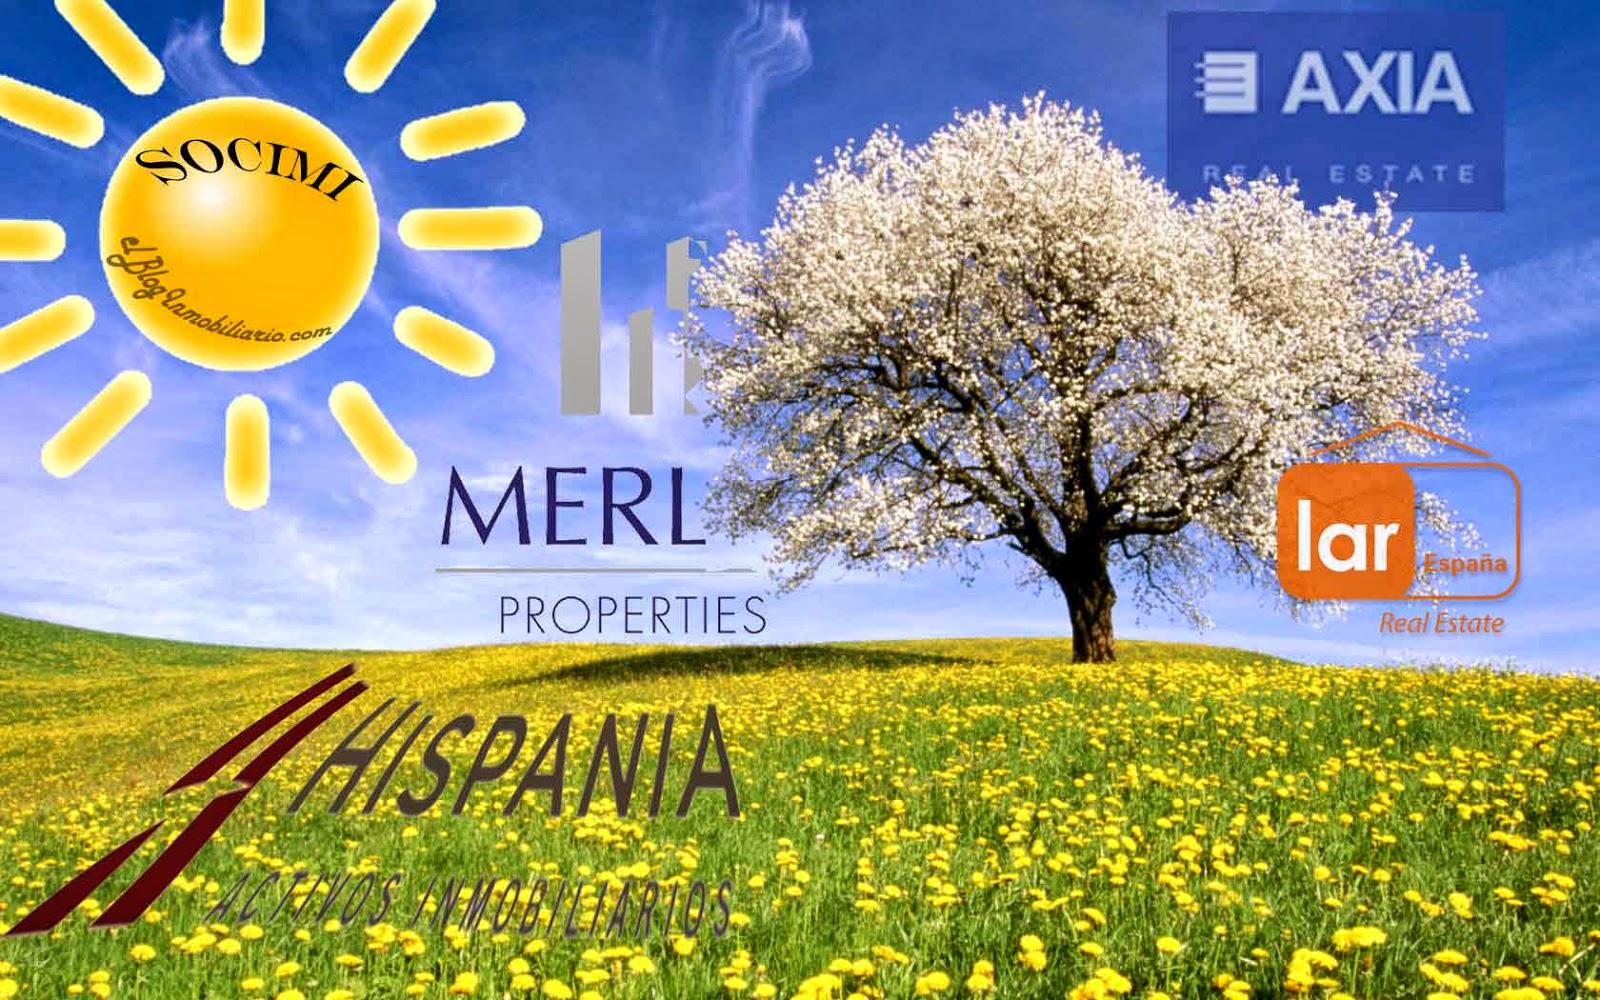 el mercado inmobiliario va de Socimis elBlogInmobiliario.com